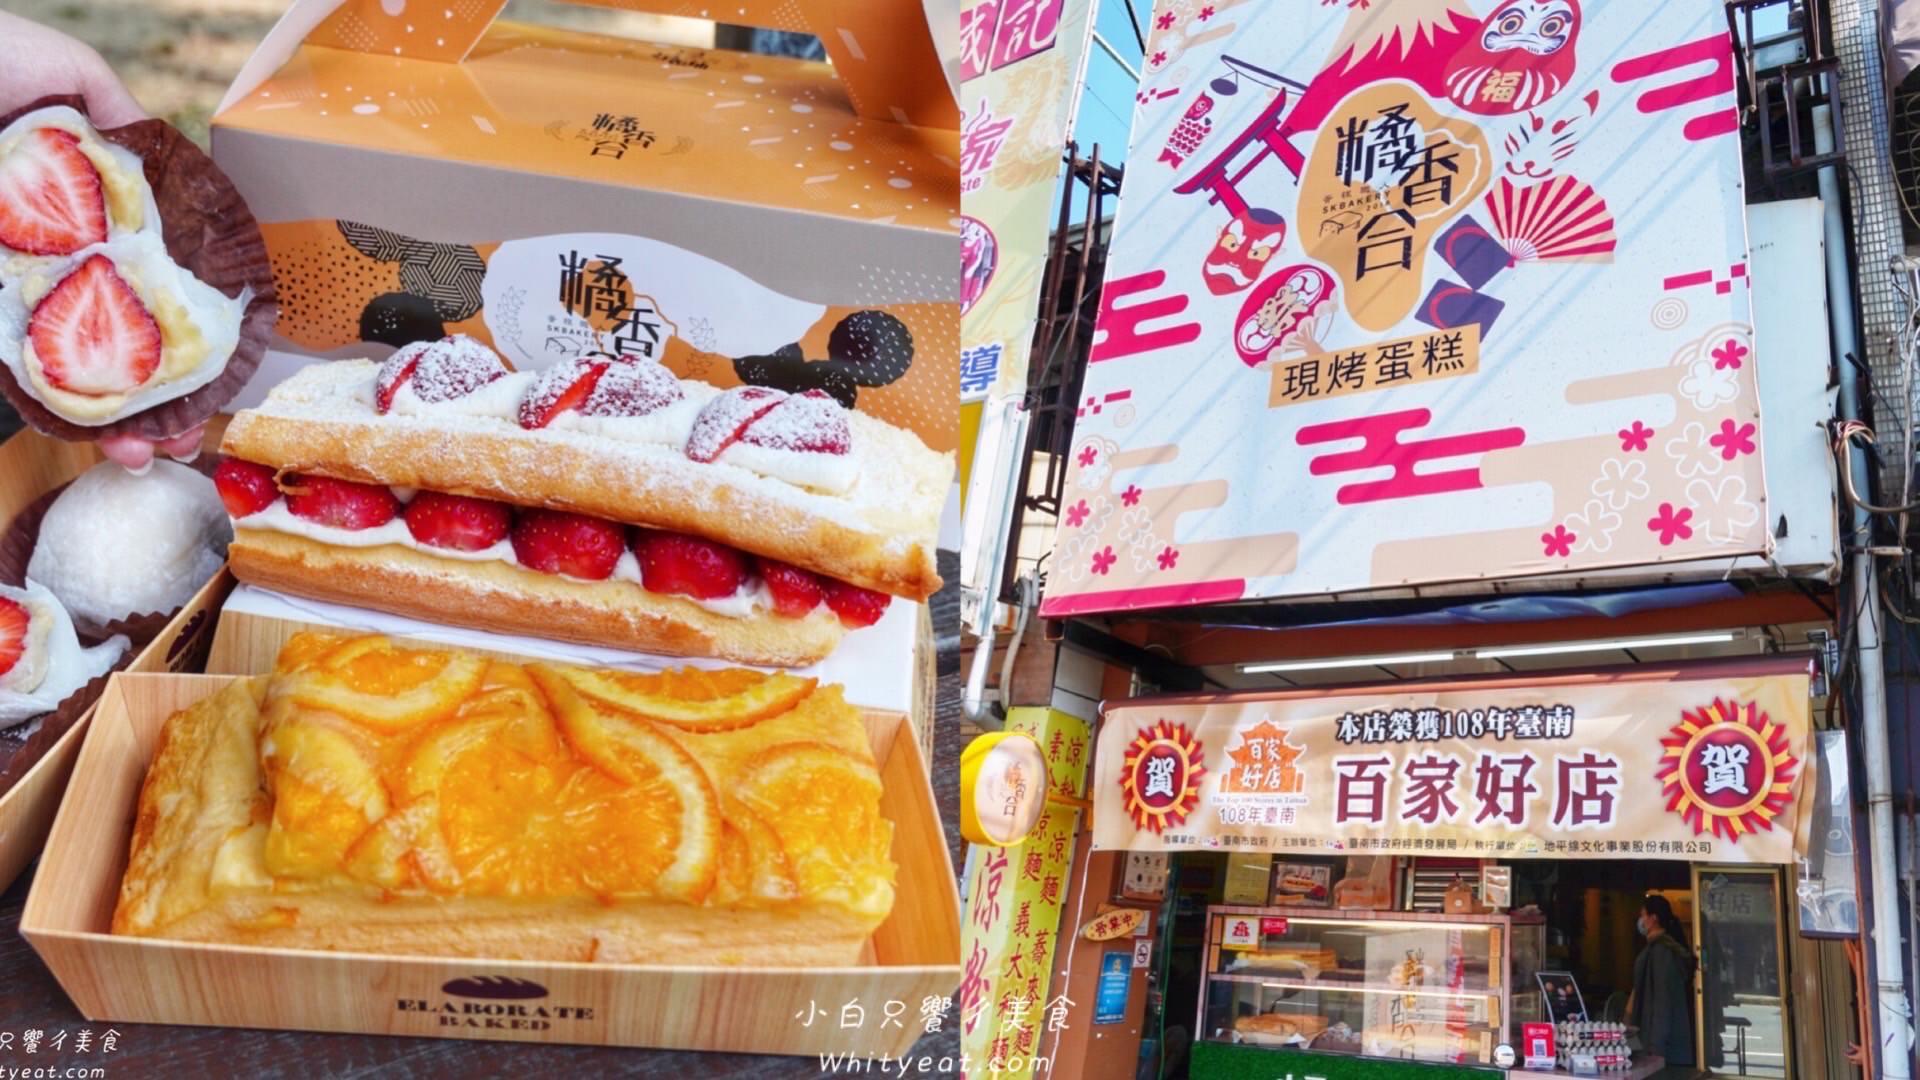 【台南古早味蛋糕】橘香合蛋糕職人 雪戀莓/草莓大福 滿滿草莓只要百元!還有多款創意蛋糕